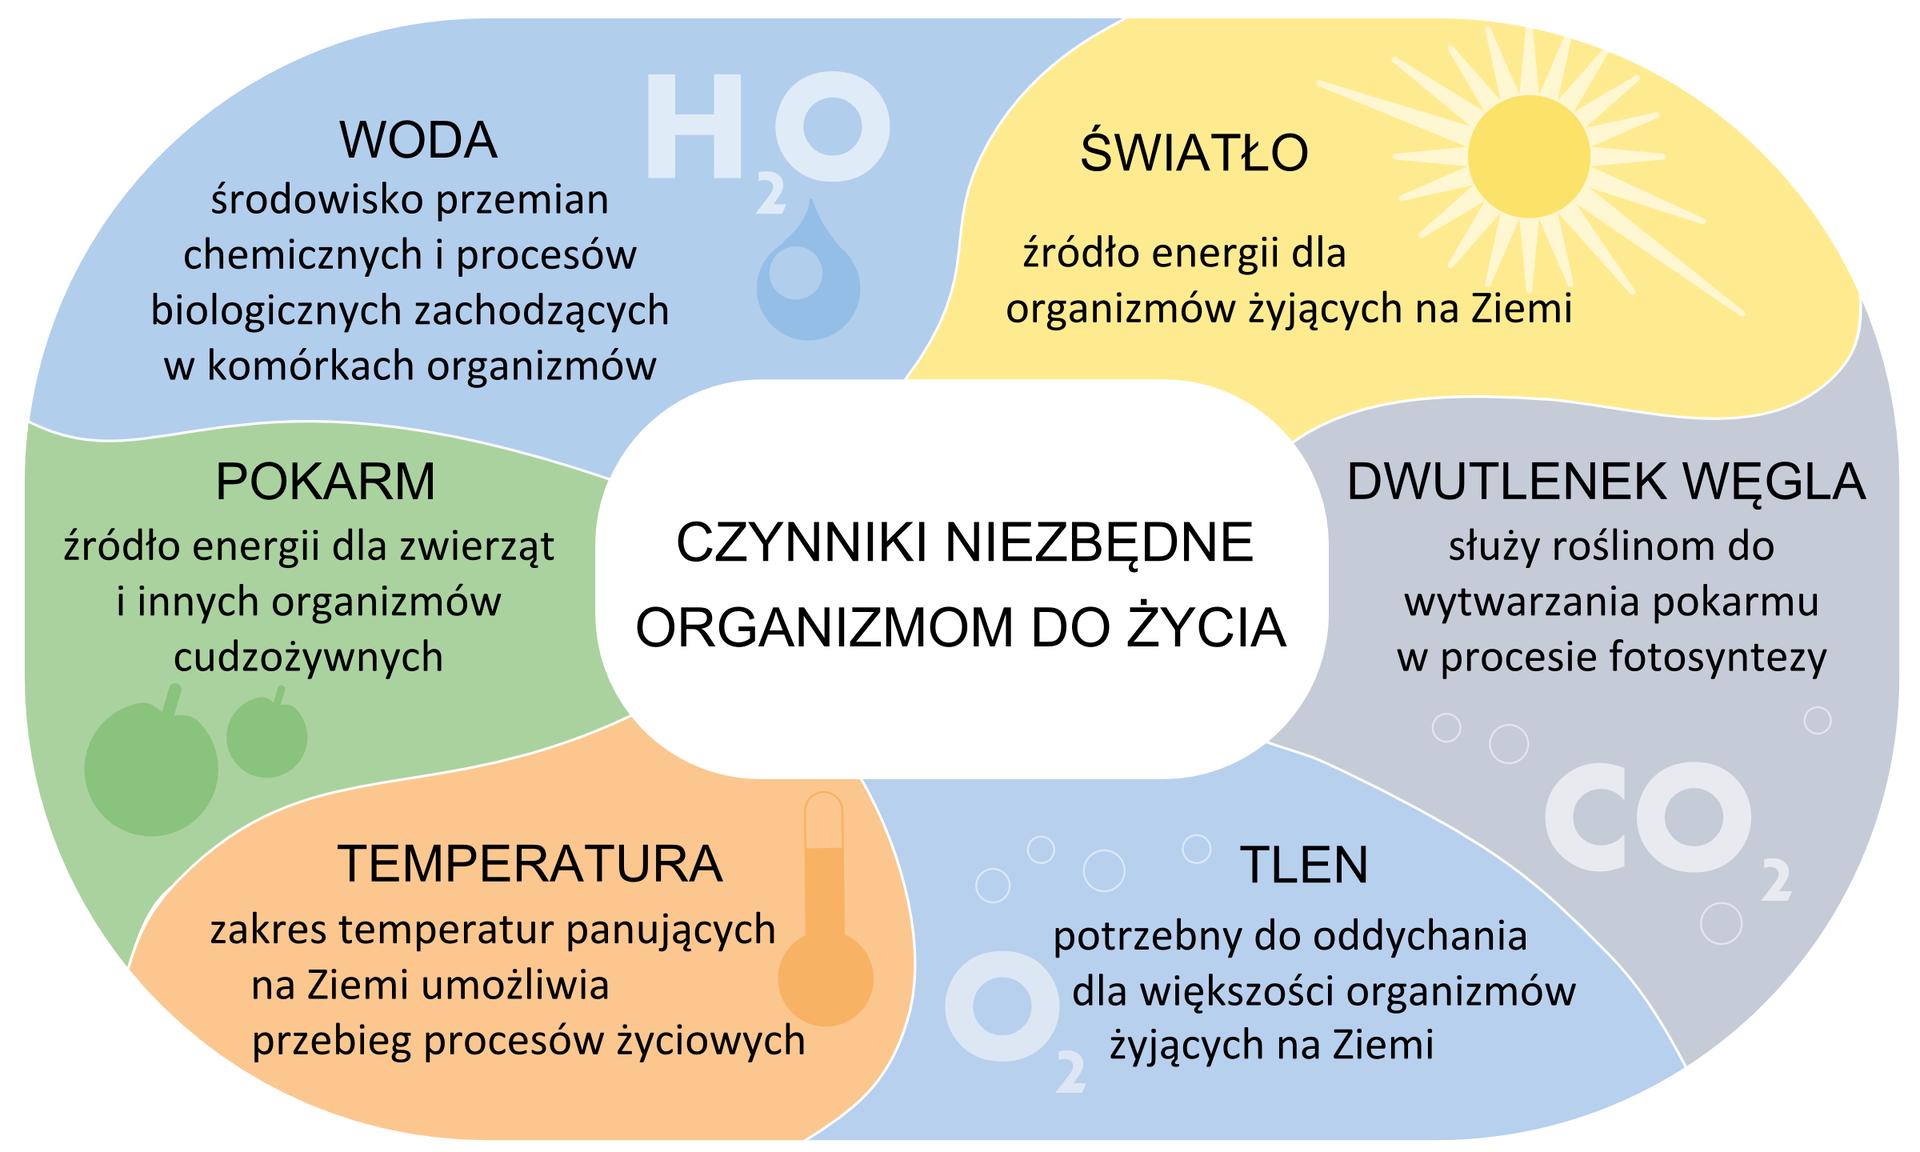 Ilustracja przedstawia schemat, podzielony na sześć części wróżnych kolorach. Wkażdej zczęści jest opisany jeden czynnik, niezbędny organizmom do życia. Wlewym górnym rogu na błękitnym tle widać napis WODA isymbol H2O. Woda jest środowiskiem przemian chemicznych iprocesów biologicznych. Dalej wprawo na żółtym tle jest rysunek słońca inapis ŚWIATŁO. Jest ono źródłem energii dla organizmów żyjących na Ziemi. Niżej znajduje się jasno fioletowe pole znapisem DWUTLENEK WĘGLA isymbolem CO2. Ten gaz służy roślinom do wytwarzania pokarmu wprocesie fotosyntezy. Wprawym dolnym rogu schematu na niebieskim tle widać napis TLEN isymbol O2. Tlen jest potrzebny większości organizmów do oddychania. Wlewym dolnym rogu na różowym tle znajduje się napis TEMPERATURA irysunek termometru. Zakres temperatur na Ziemi umożliwia przebieg procesów życiowych. Wyżej, na zielonym tle znajduje się napis POKARM idwa jabłka. Pokarm jest źródłem energii dla zwierząt iinnych organizmów cudzożywnych. *